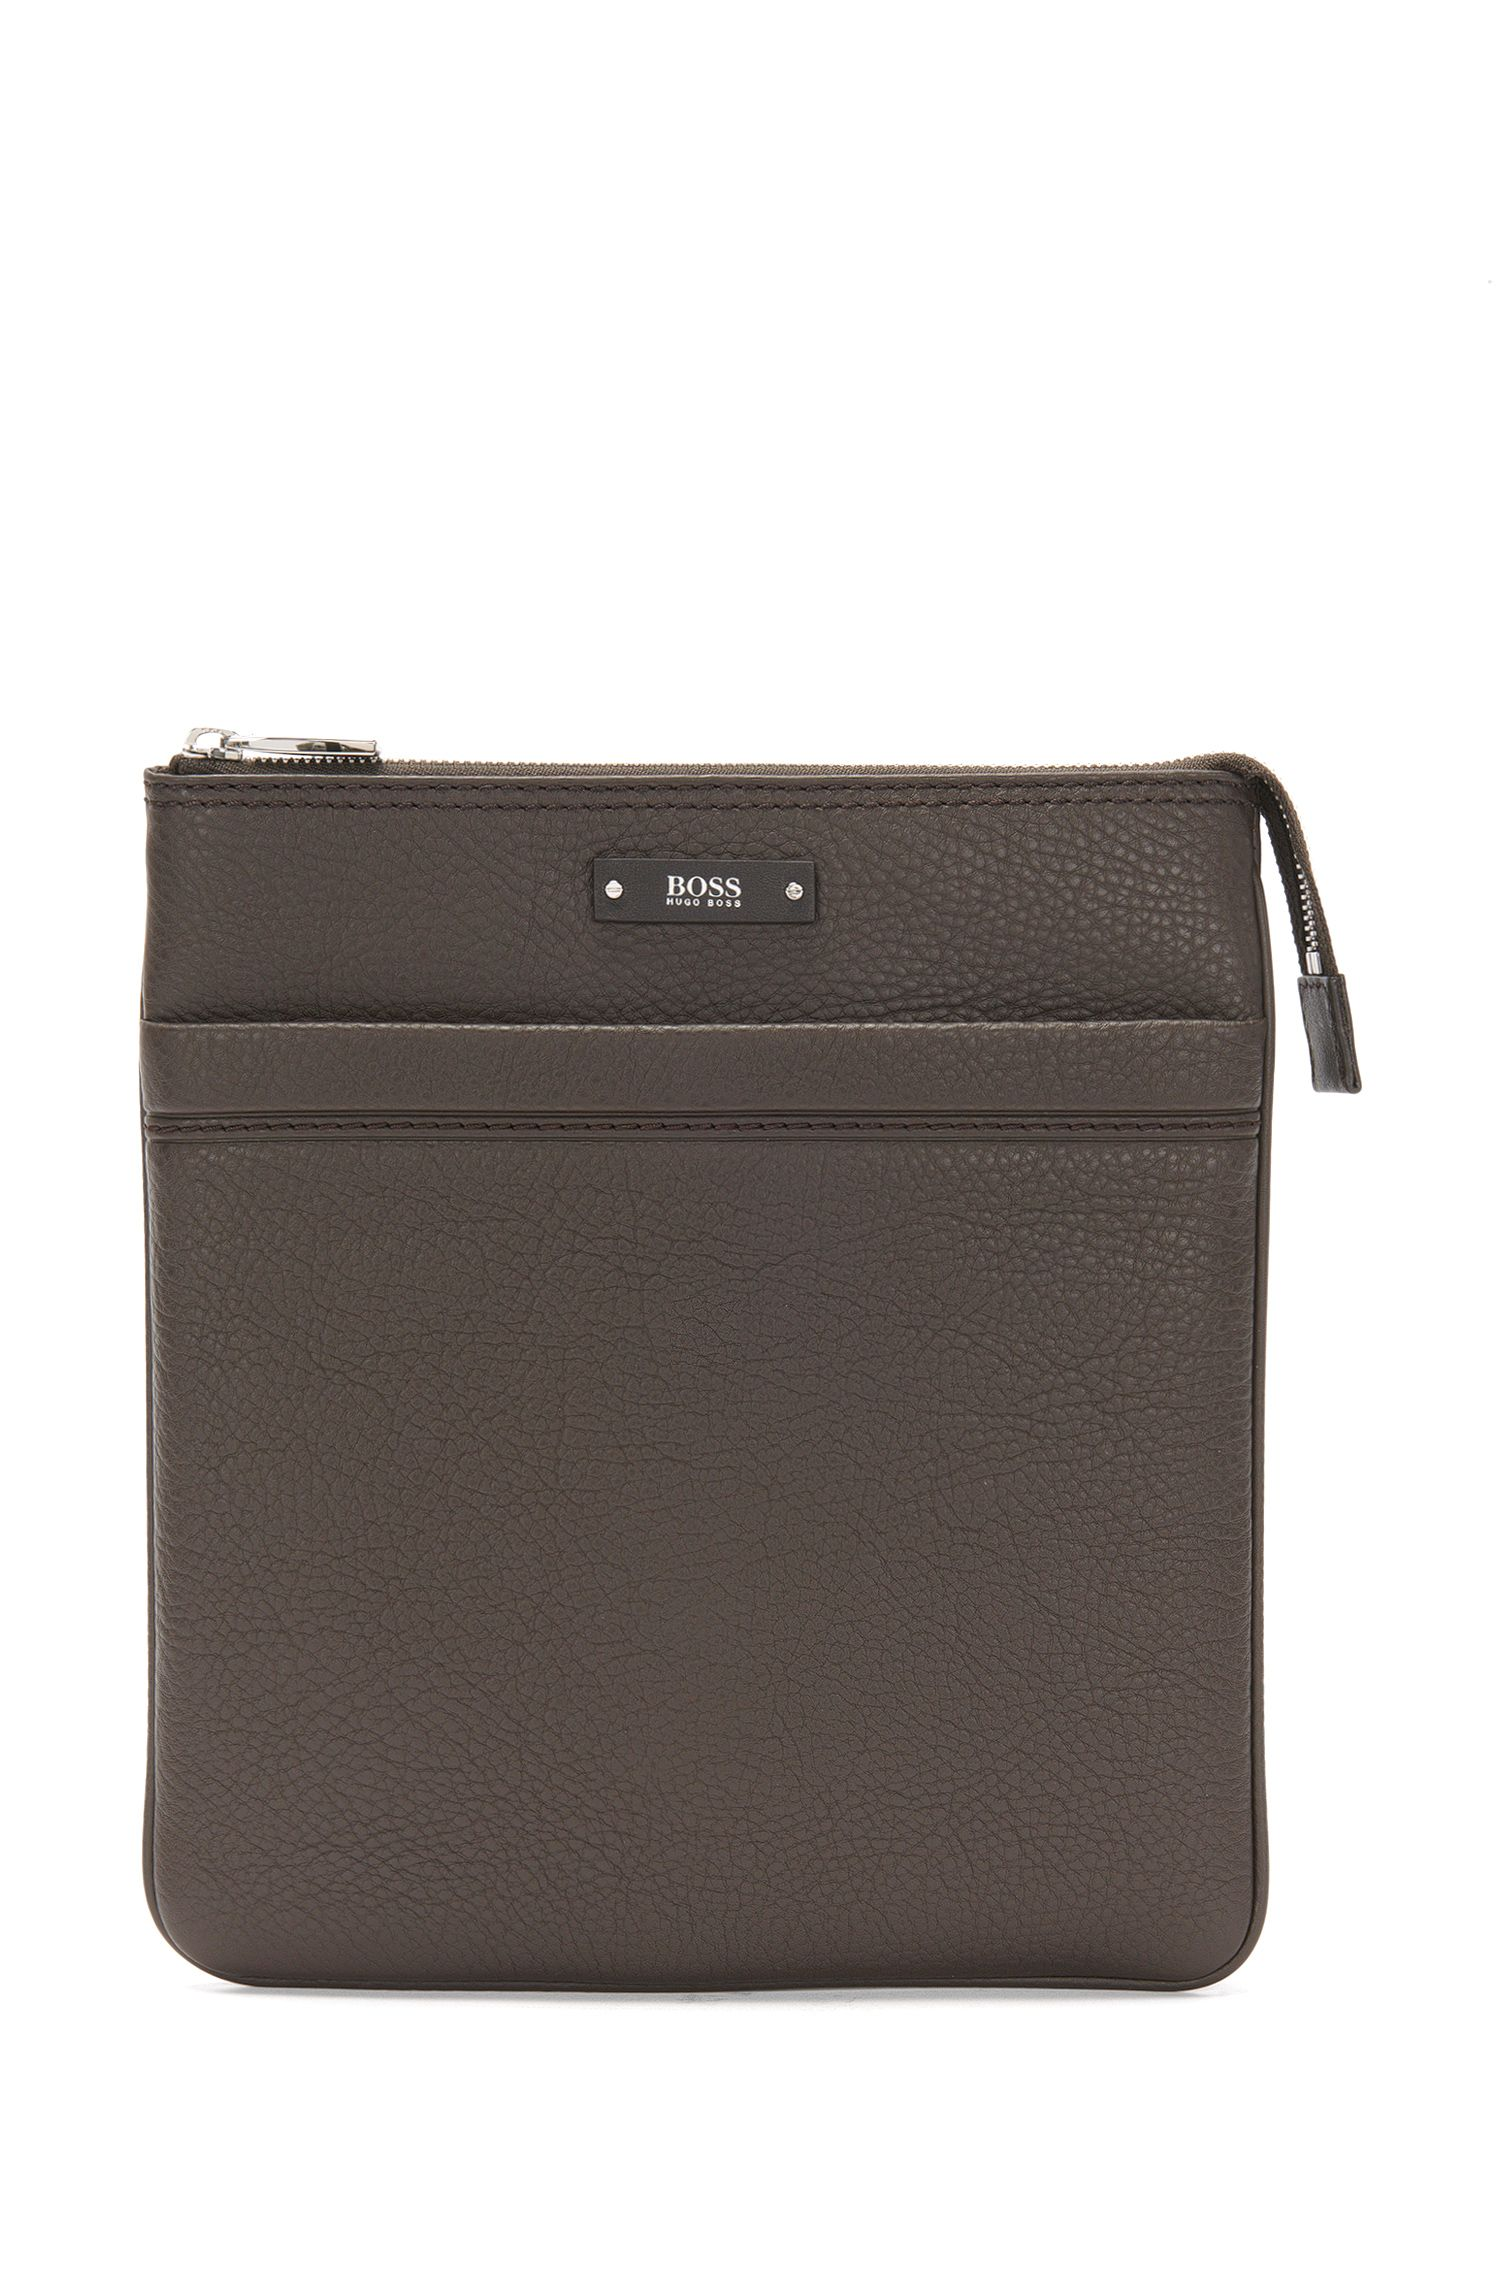 Porte-document BOSS porté croisé, en cuir naturellement grainé